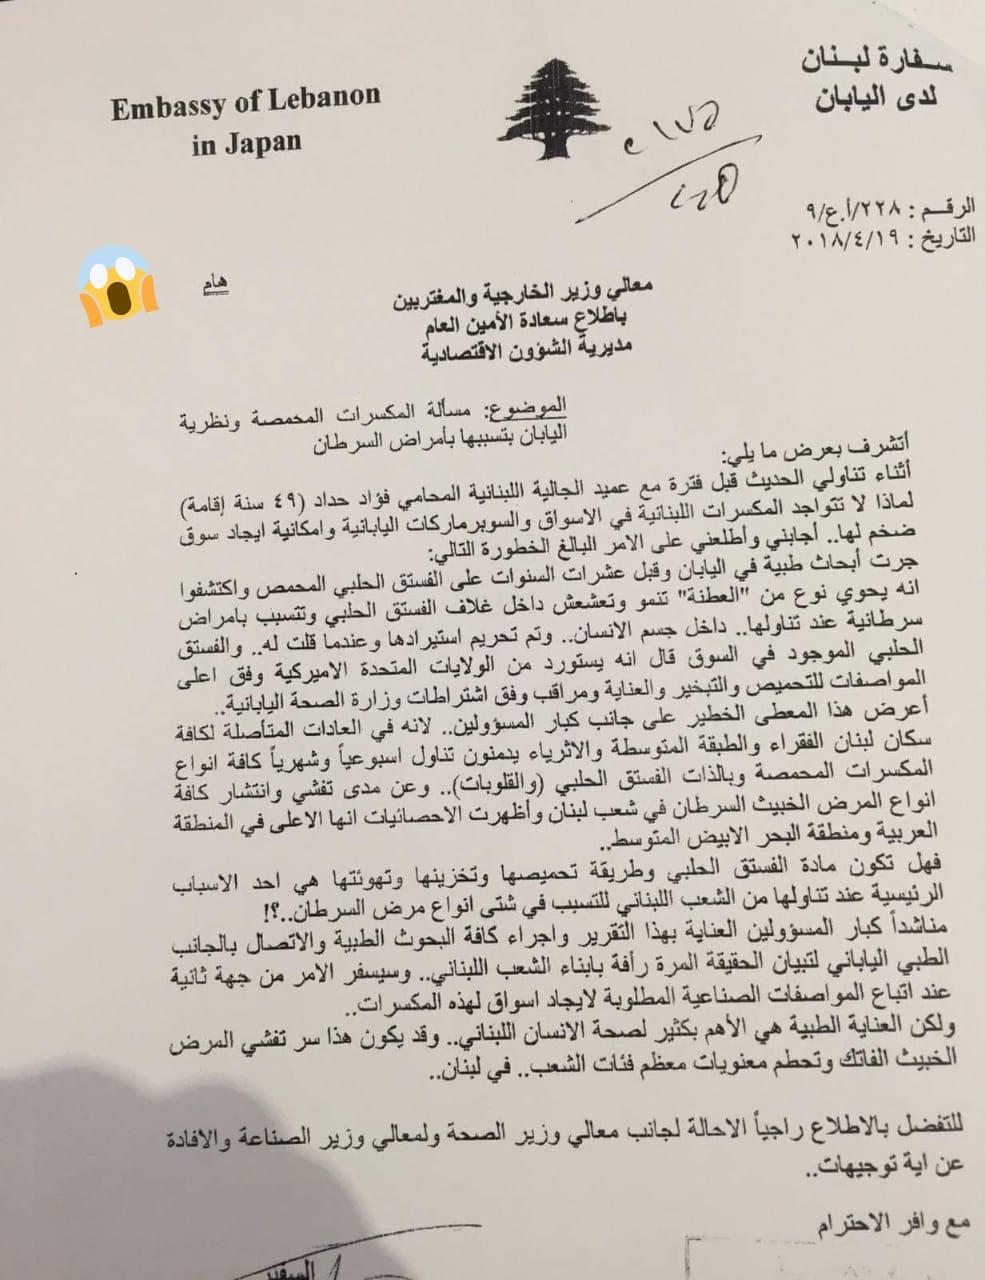 رسالة الموطن اللبناني إلى وزارة الخارجية